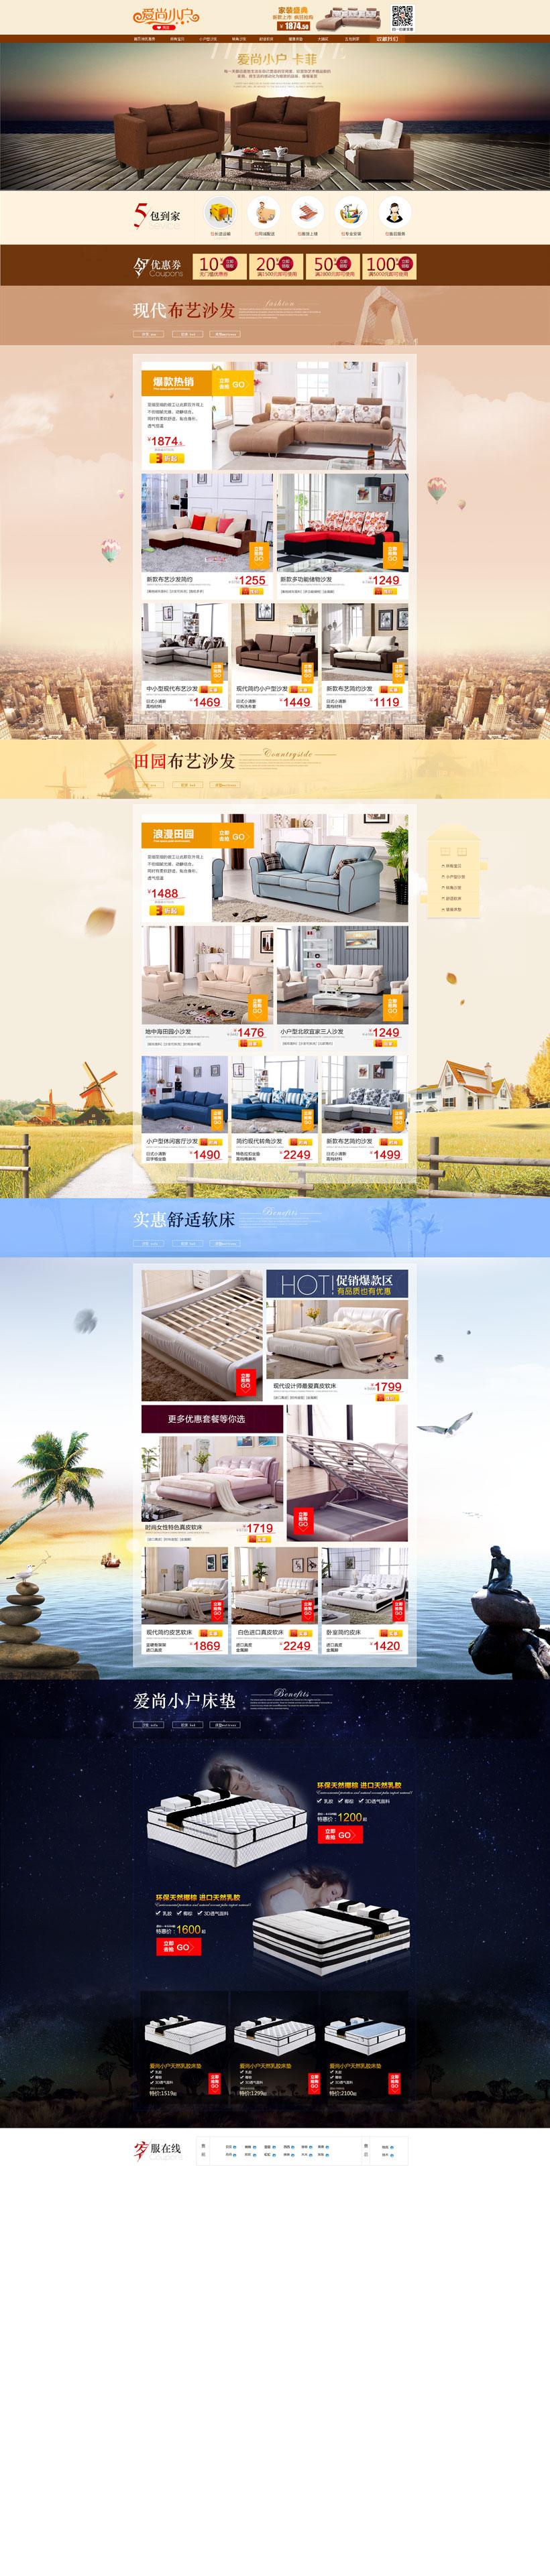 淘宝家居沙发促销页面设计psd素材